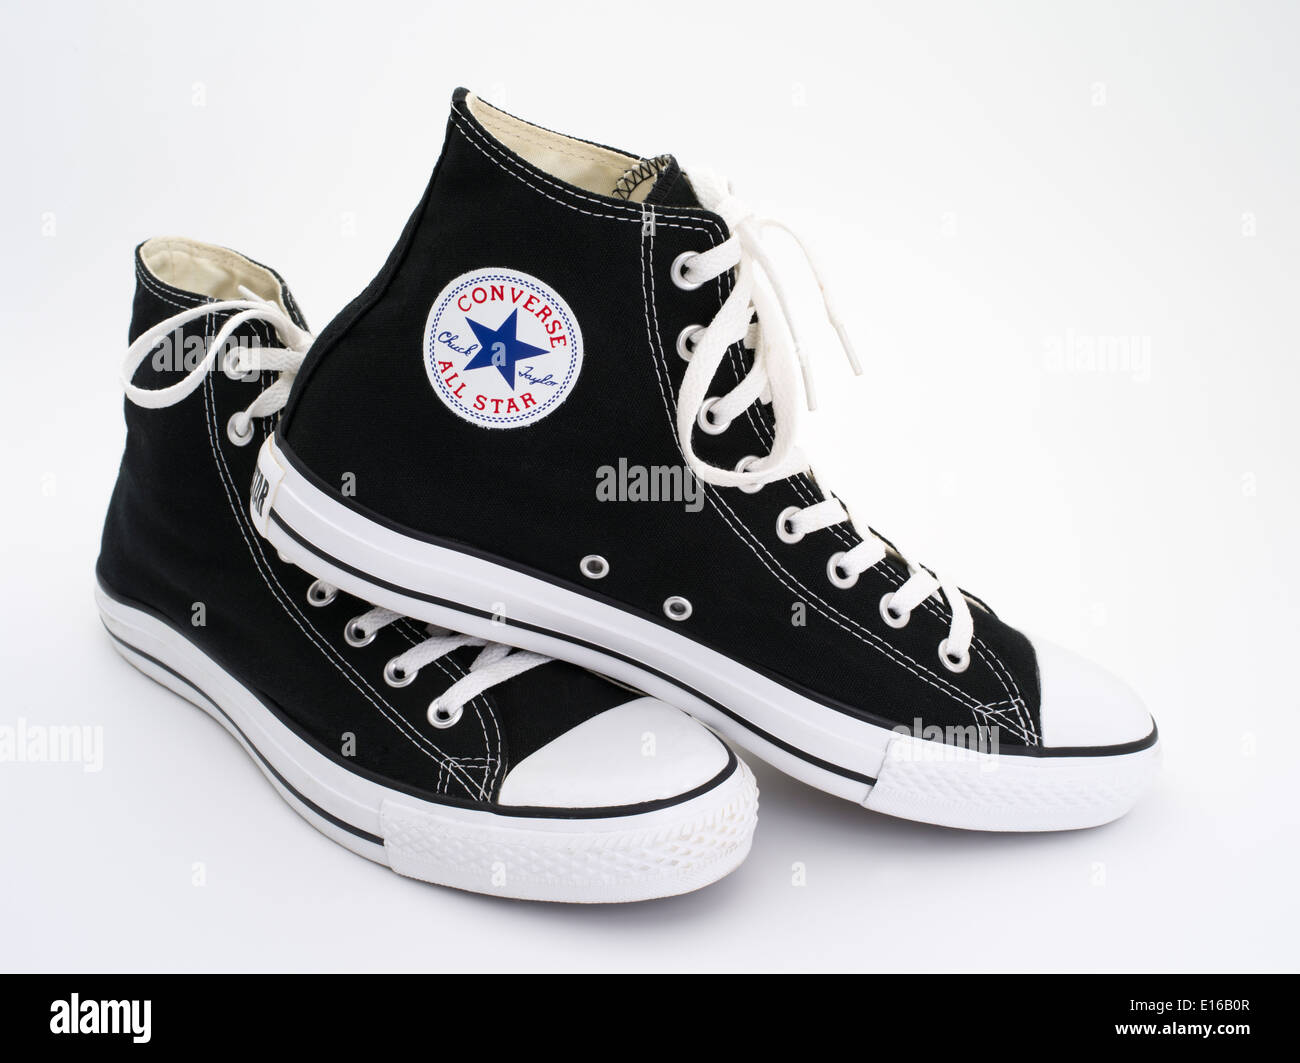 Converse All Star noir et blanc Chuck Taylor - Chuck Taylor All-Stars toile et caoutchouc Chaussures - Chaussures de basket-ball Photo Stock